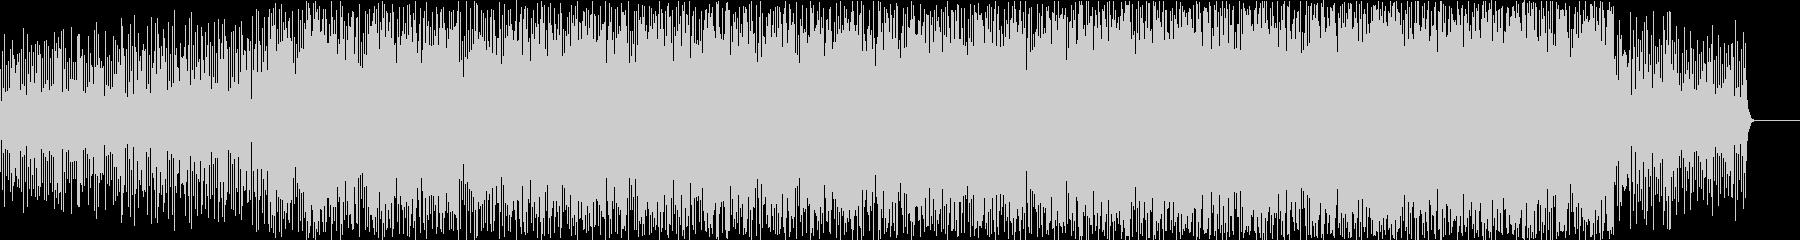 時間の流れを音楽にしてイメージしたBGMの未再生の波形